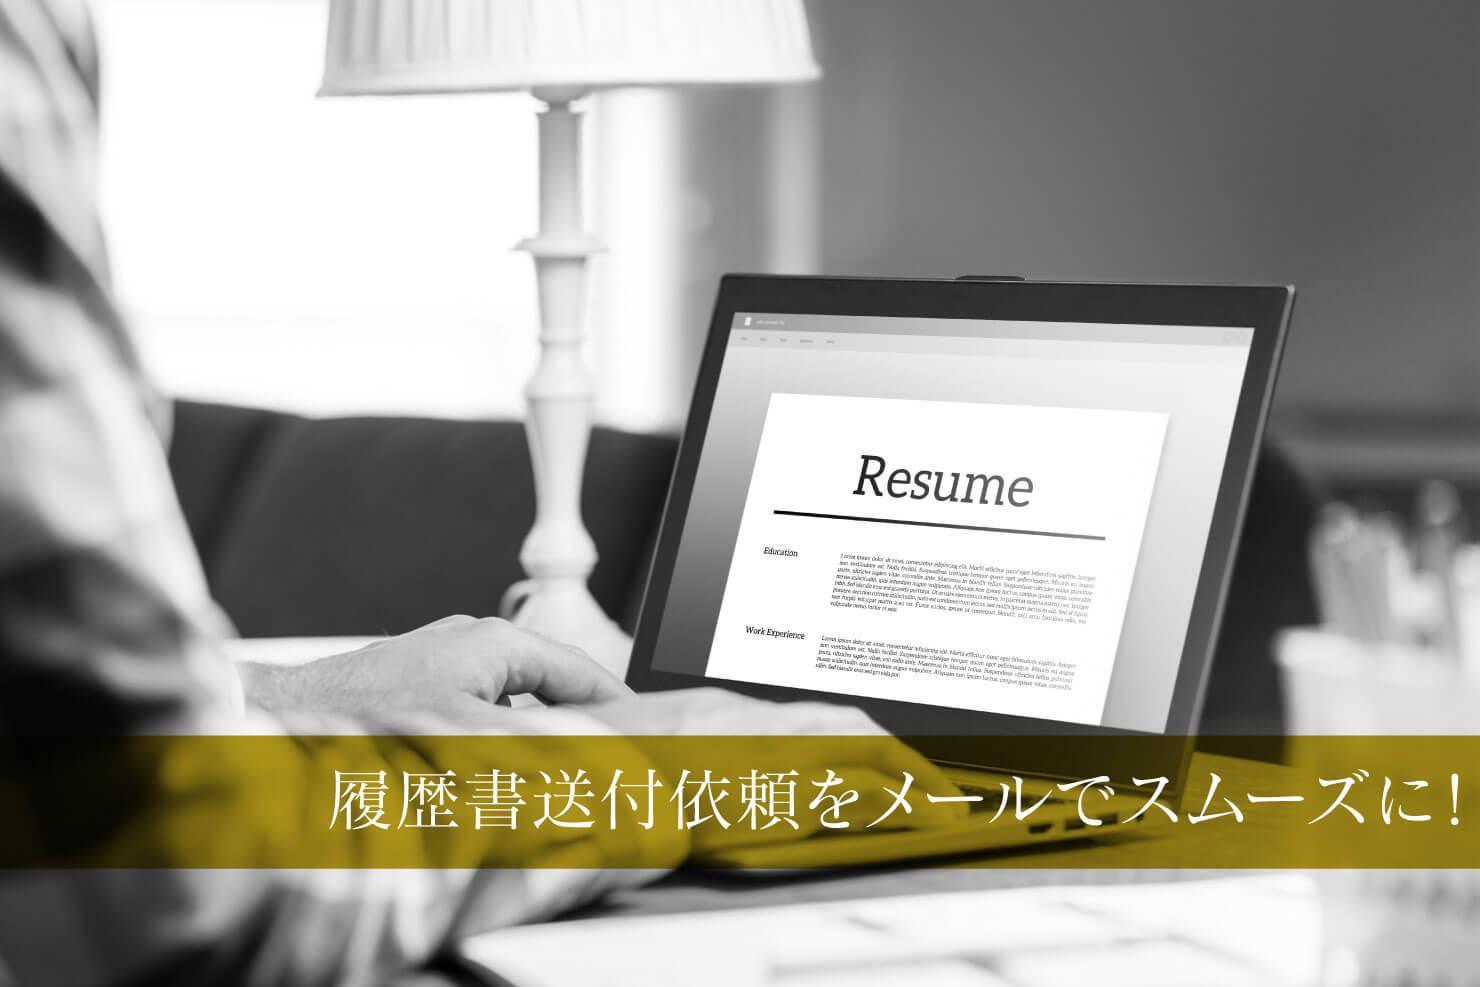 【テンプレートあり!】履歴書送付依頼メールの送り方